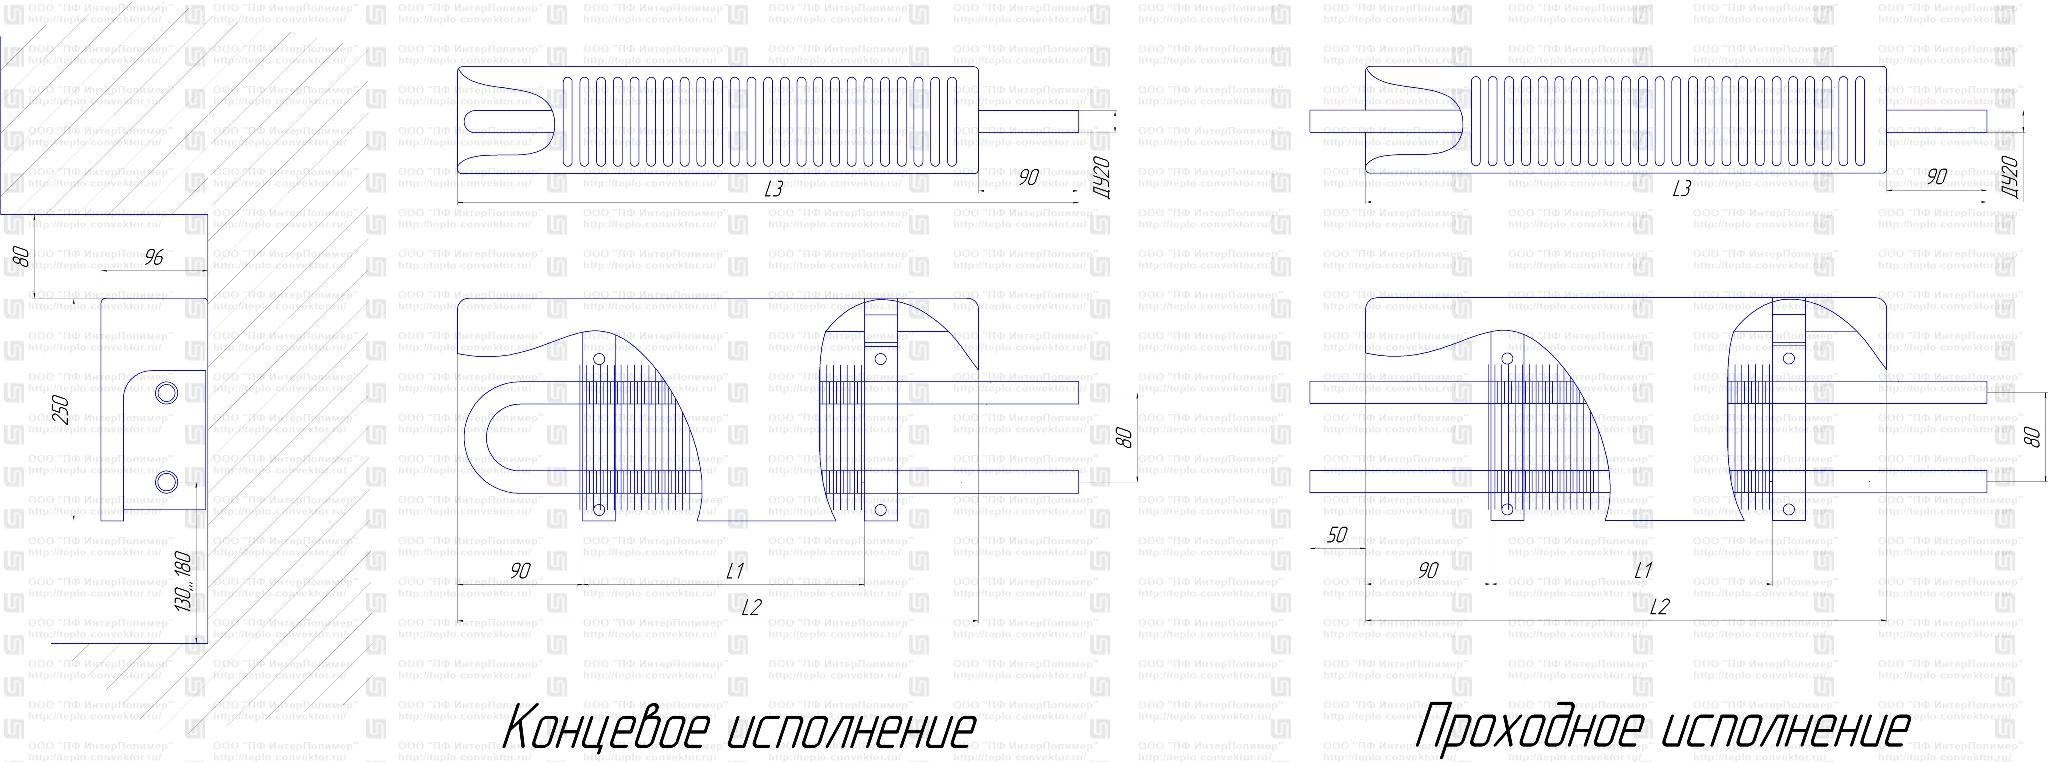 КСК-20 ТБ Мини чертеж